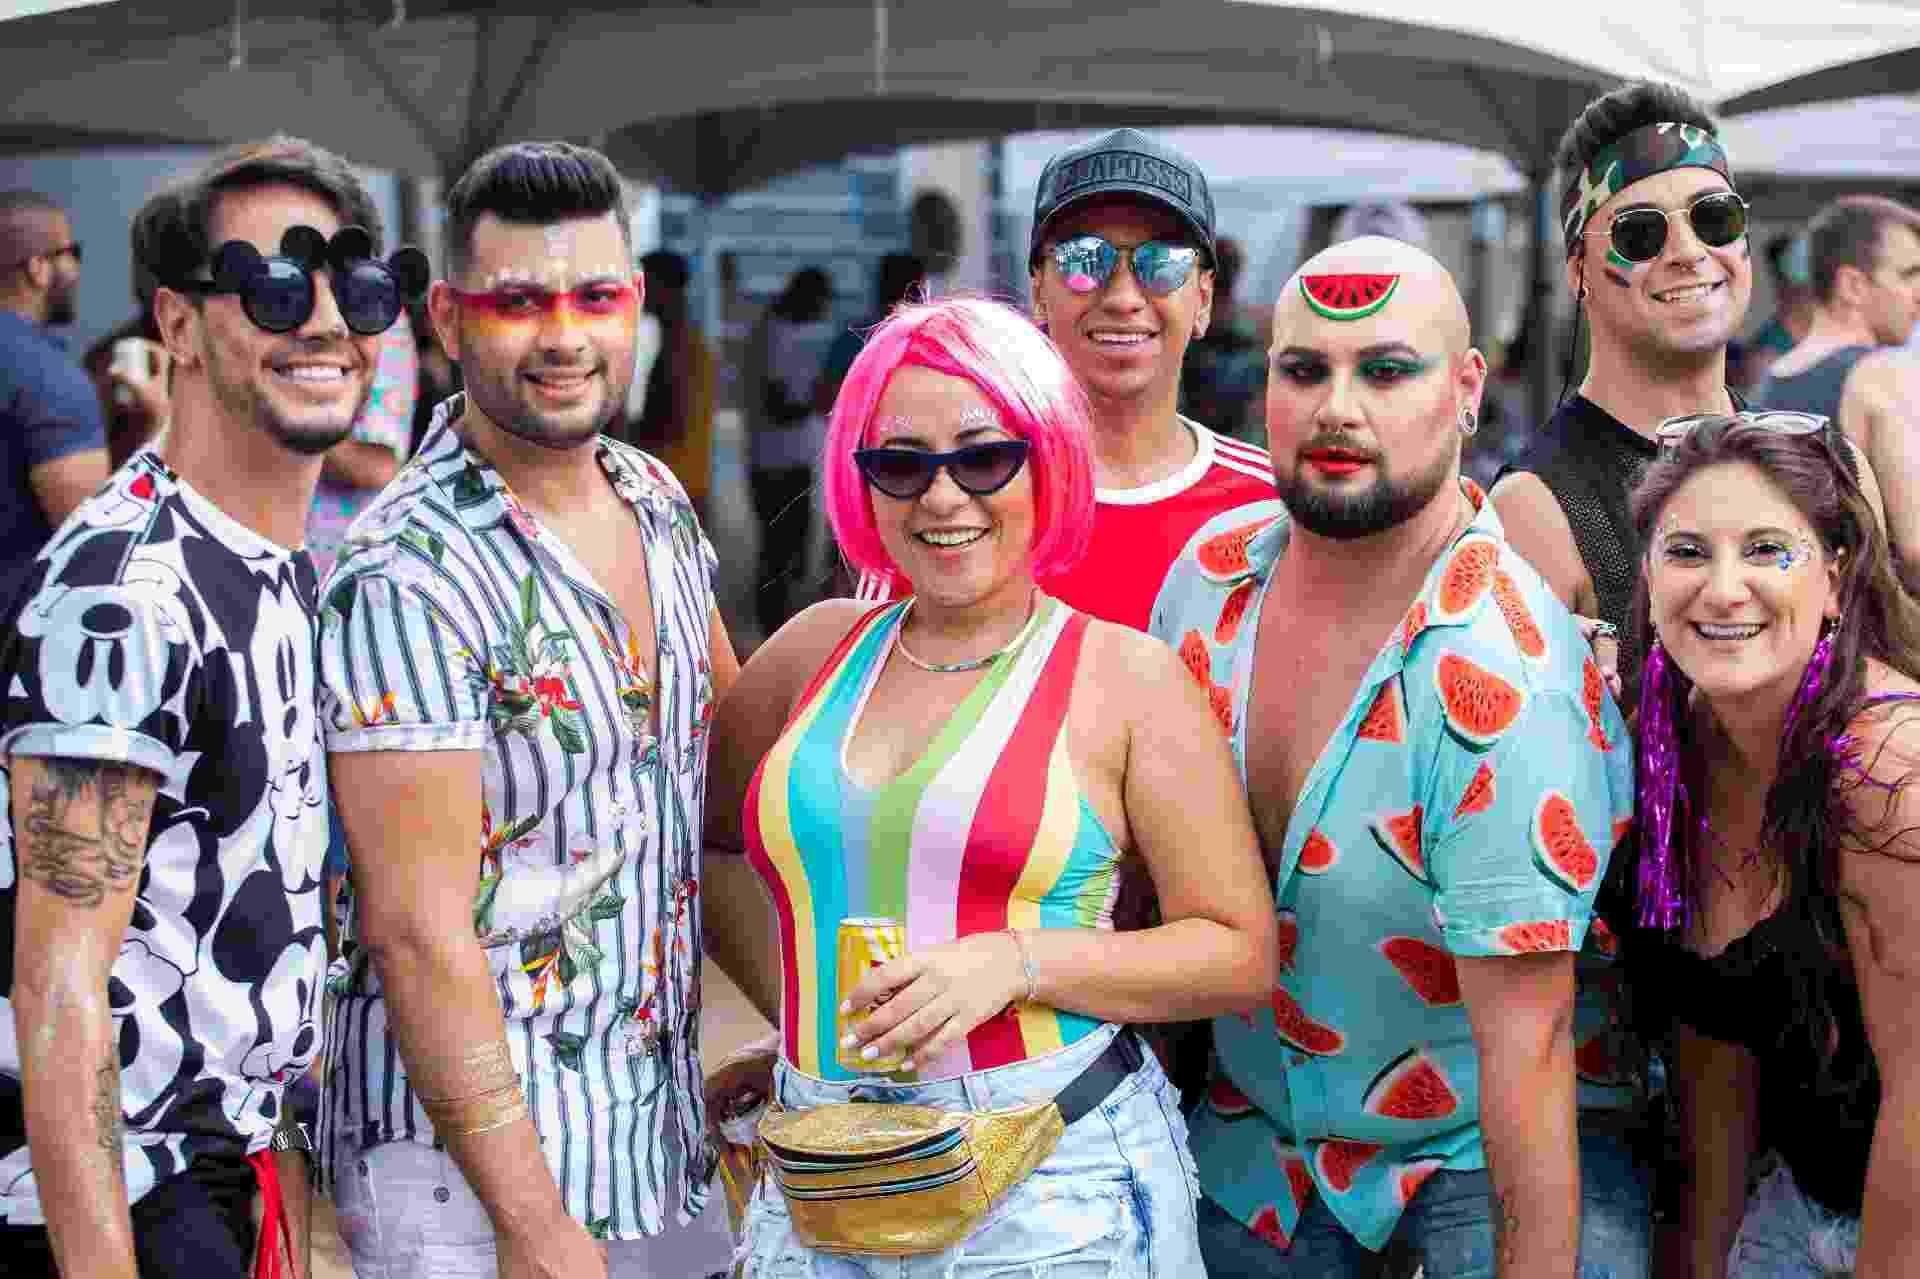 Público se fantasiou para o festival Agrada Gregos - Edson Lopes Jr./UOL